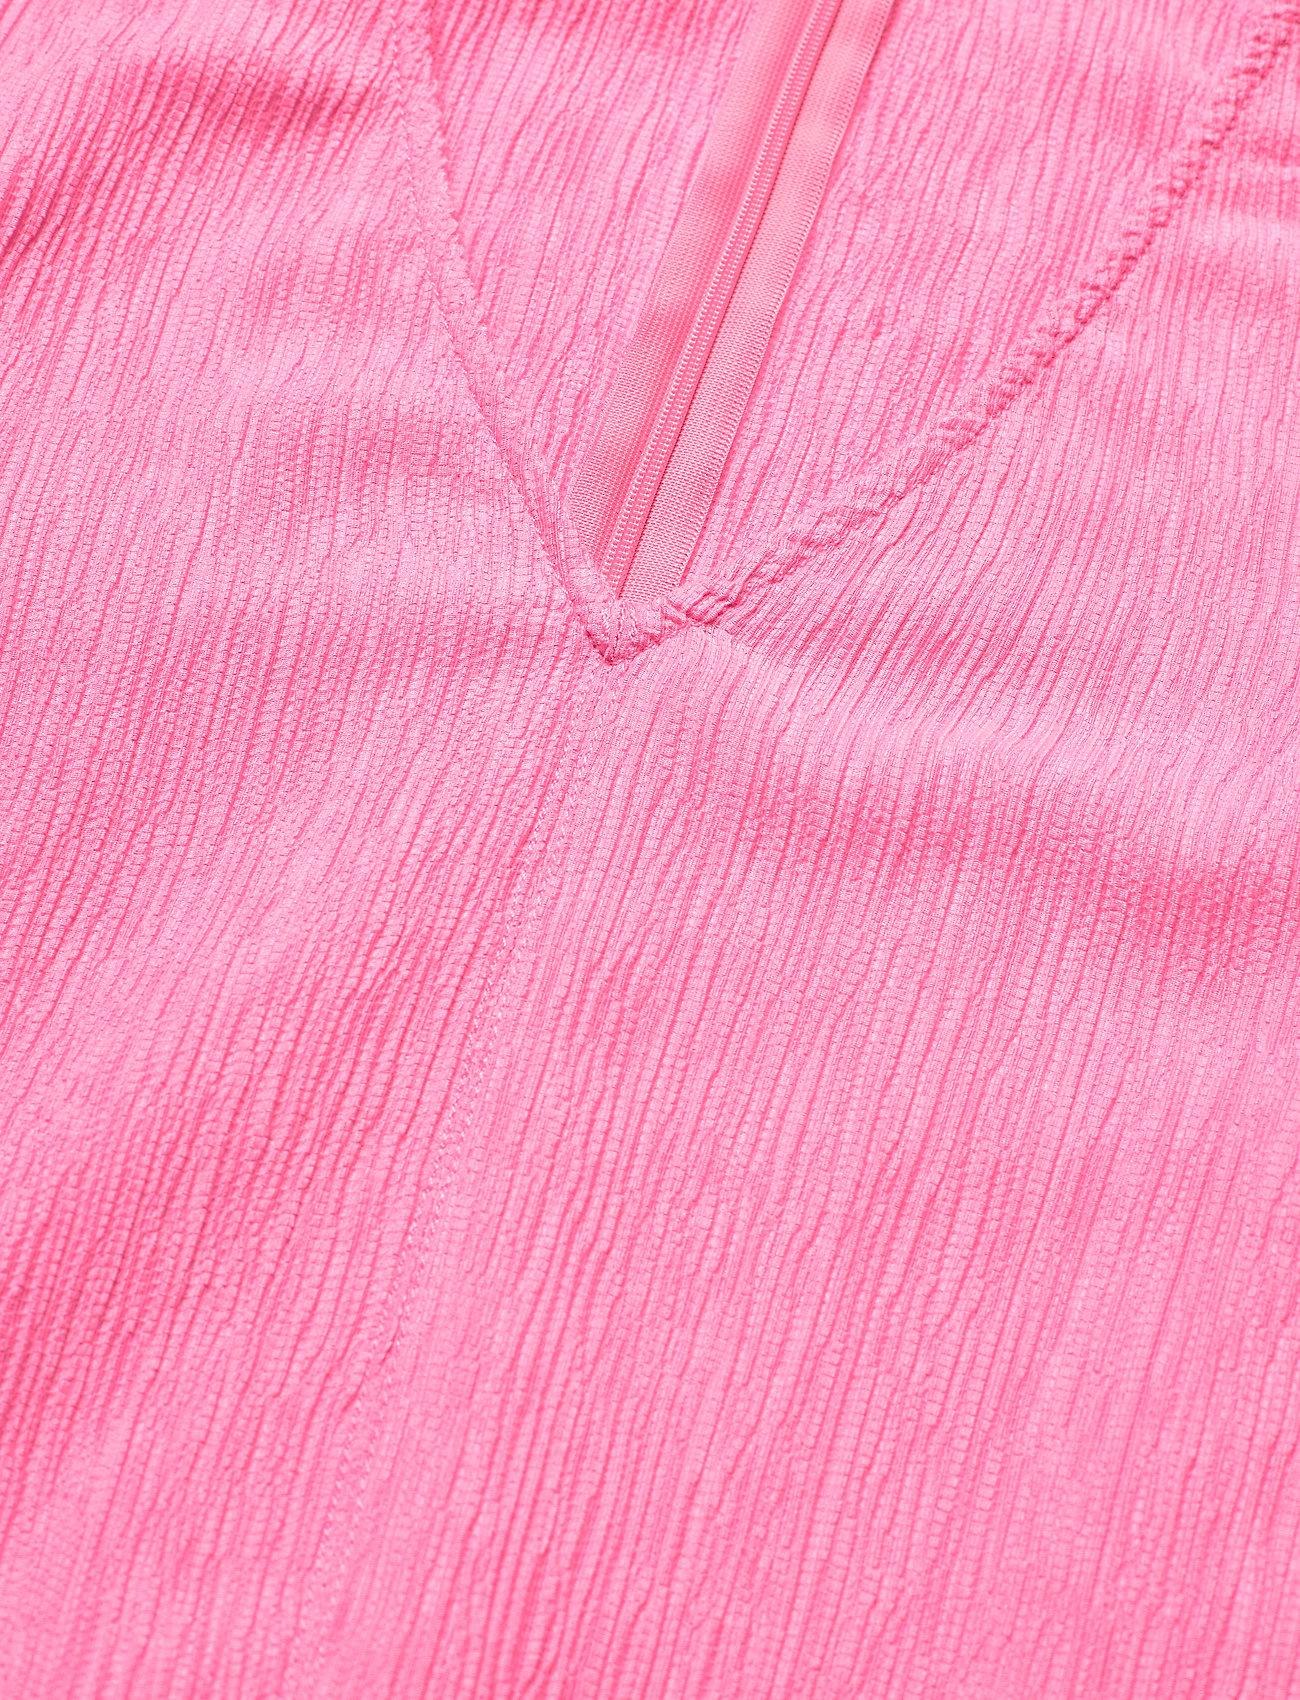 STINE GOYA - Rosen, 1213 Crinkled Tencel - sommerkjoler - pink - 3